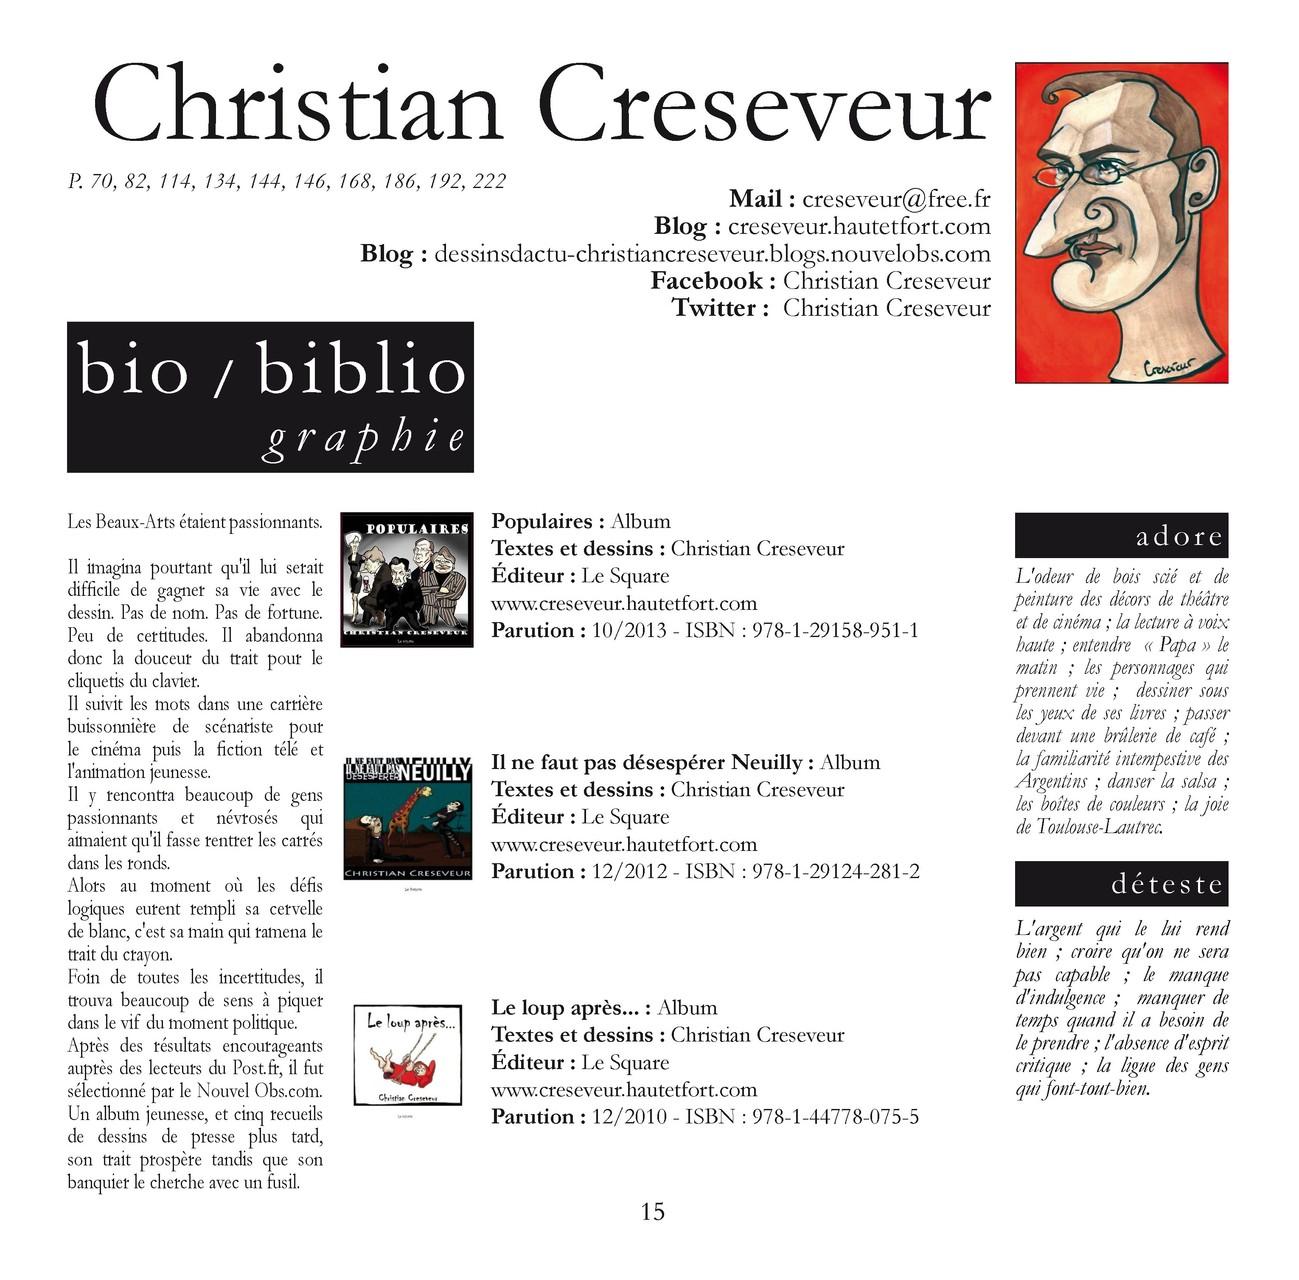 Christian CRESEVEUR - Dessinateur de presse à L'OBS.com